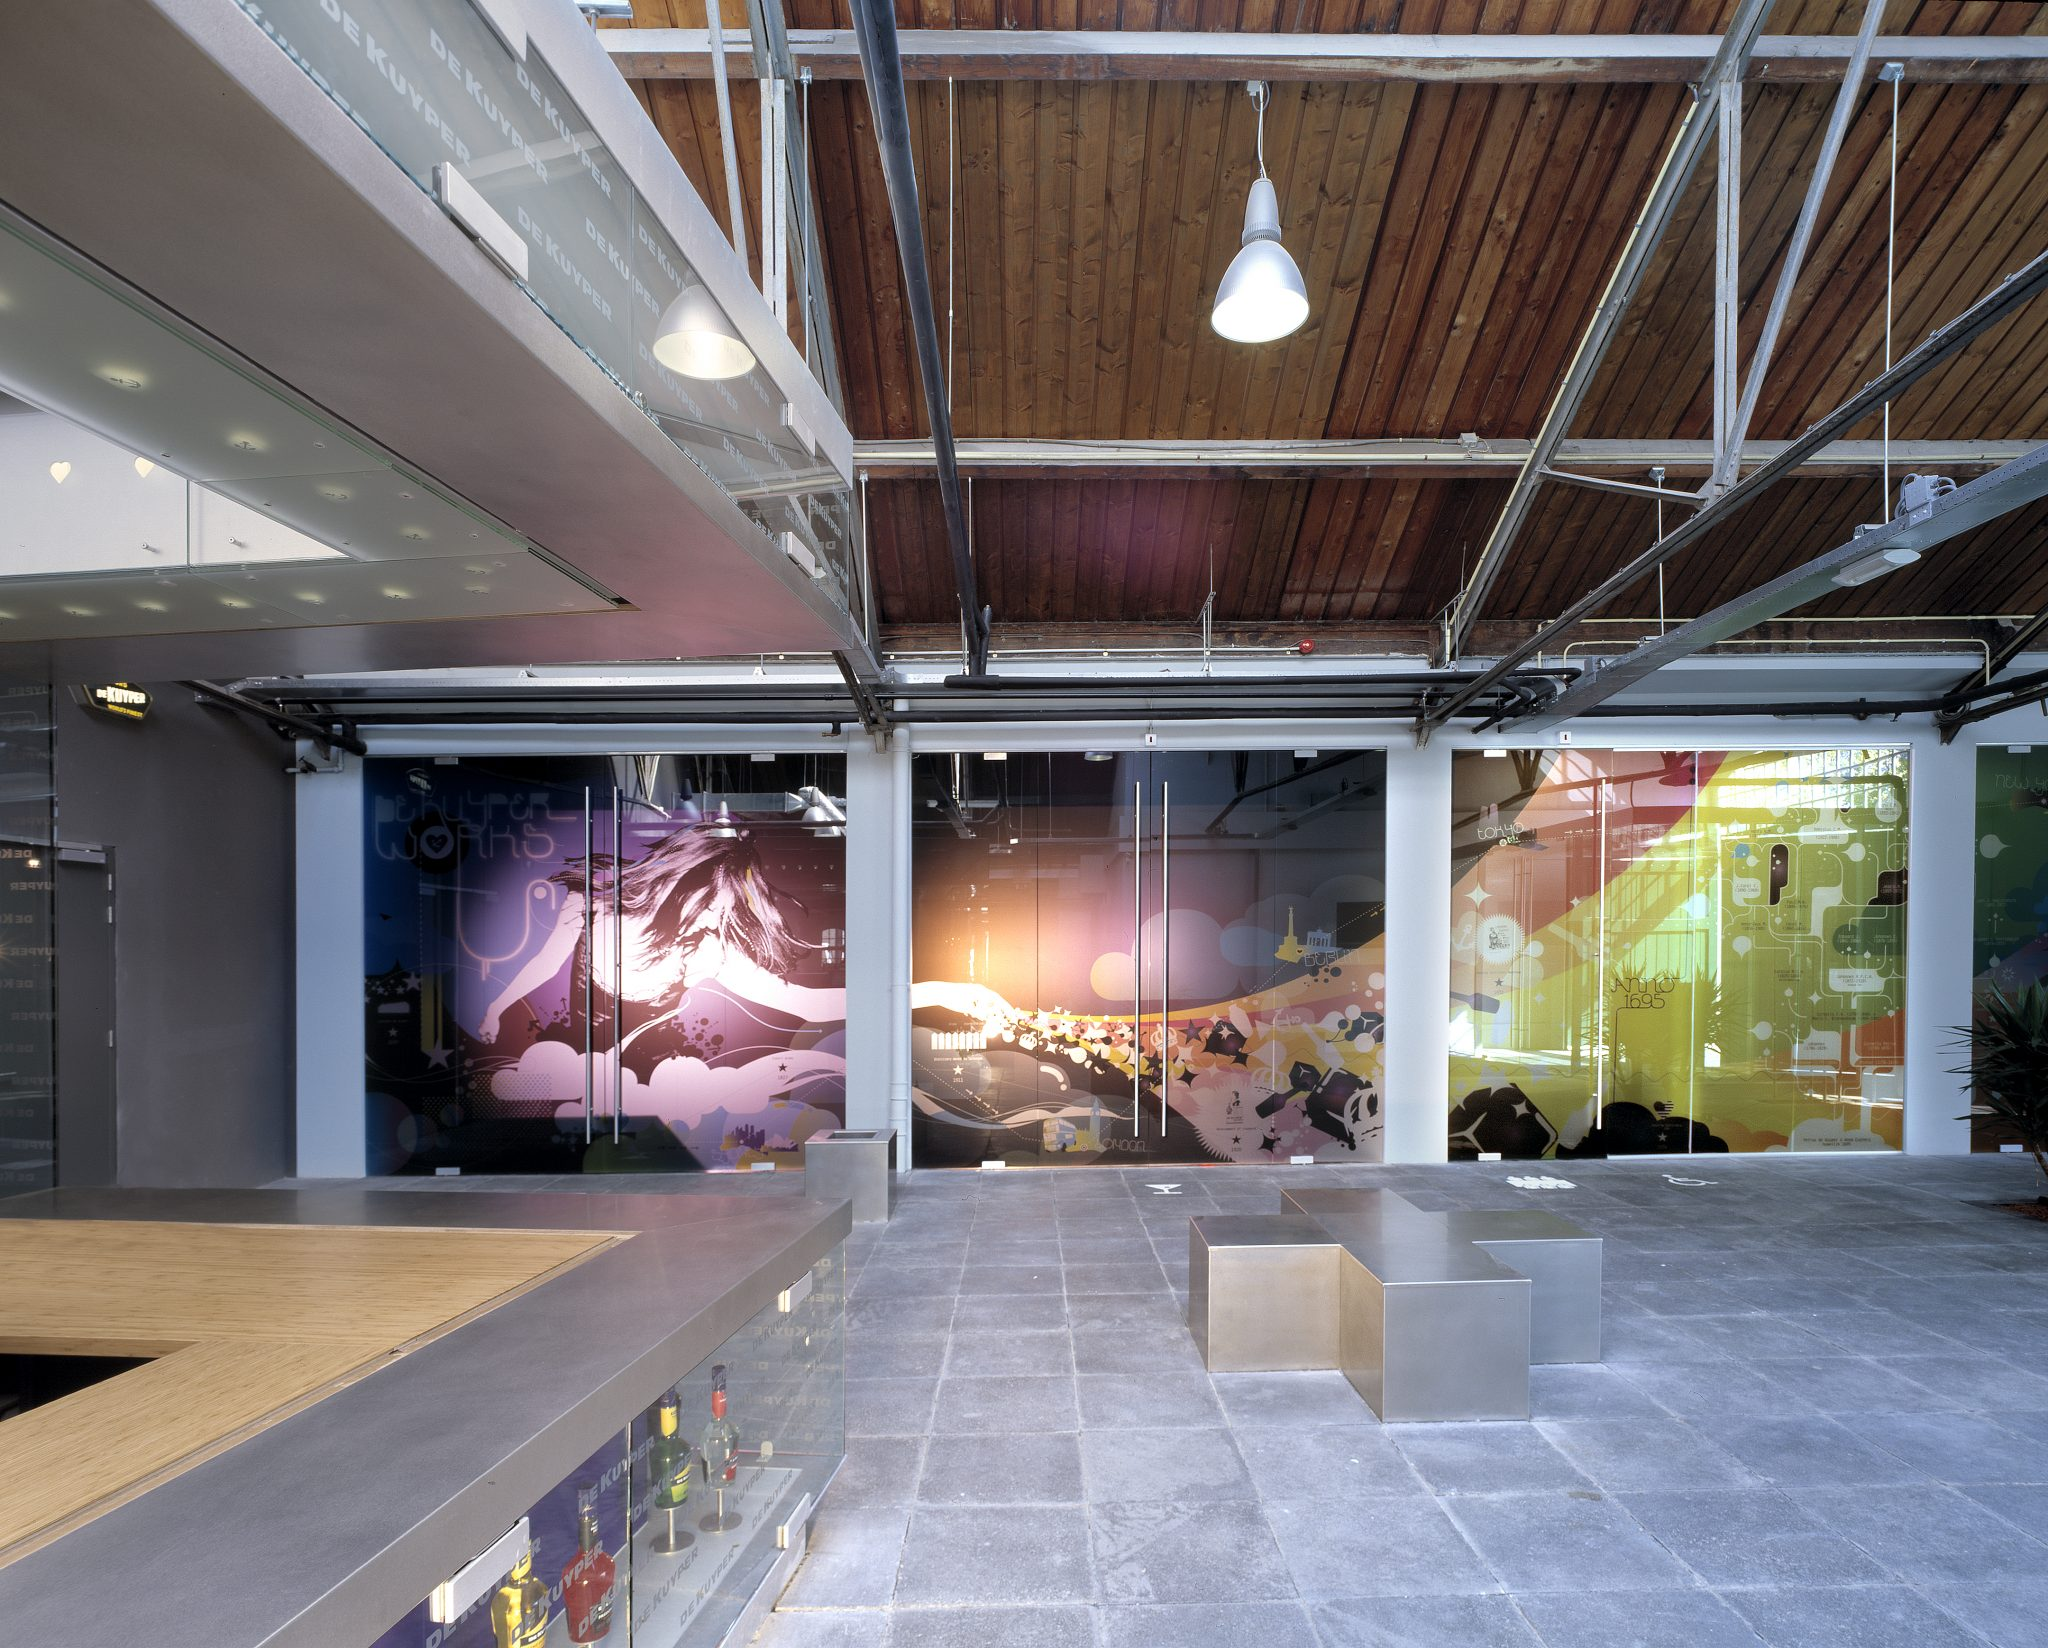 Koninklijke woudenberg erkend restauratie bouwbedrijf